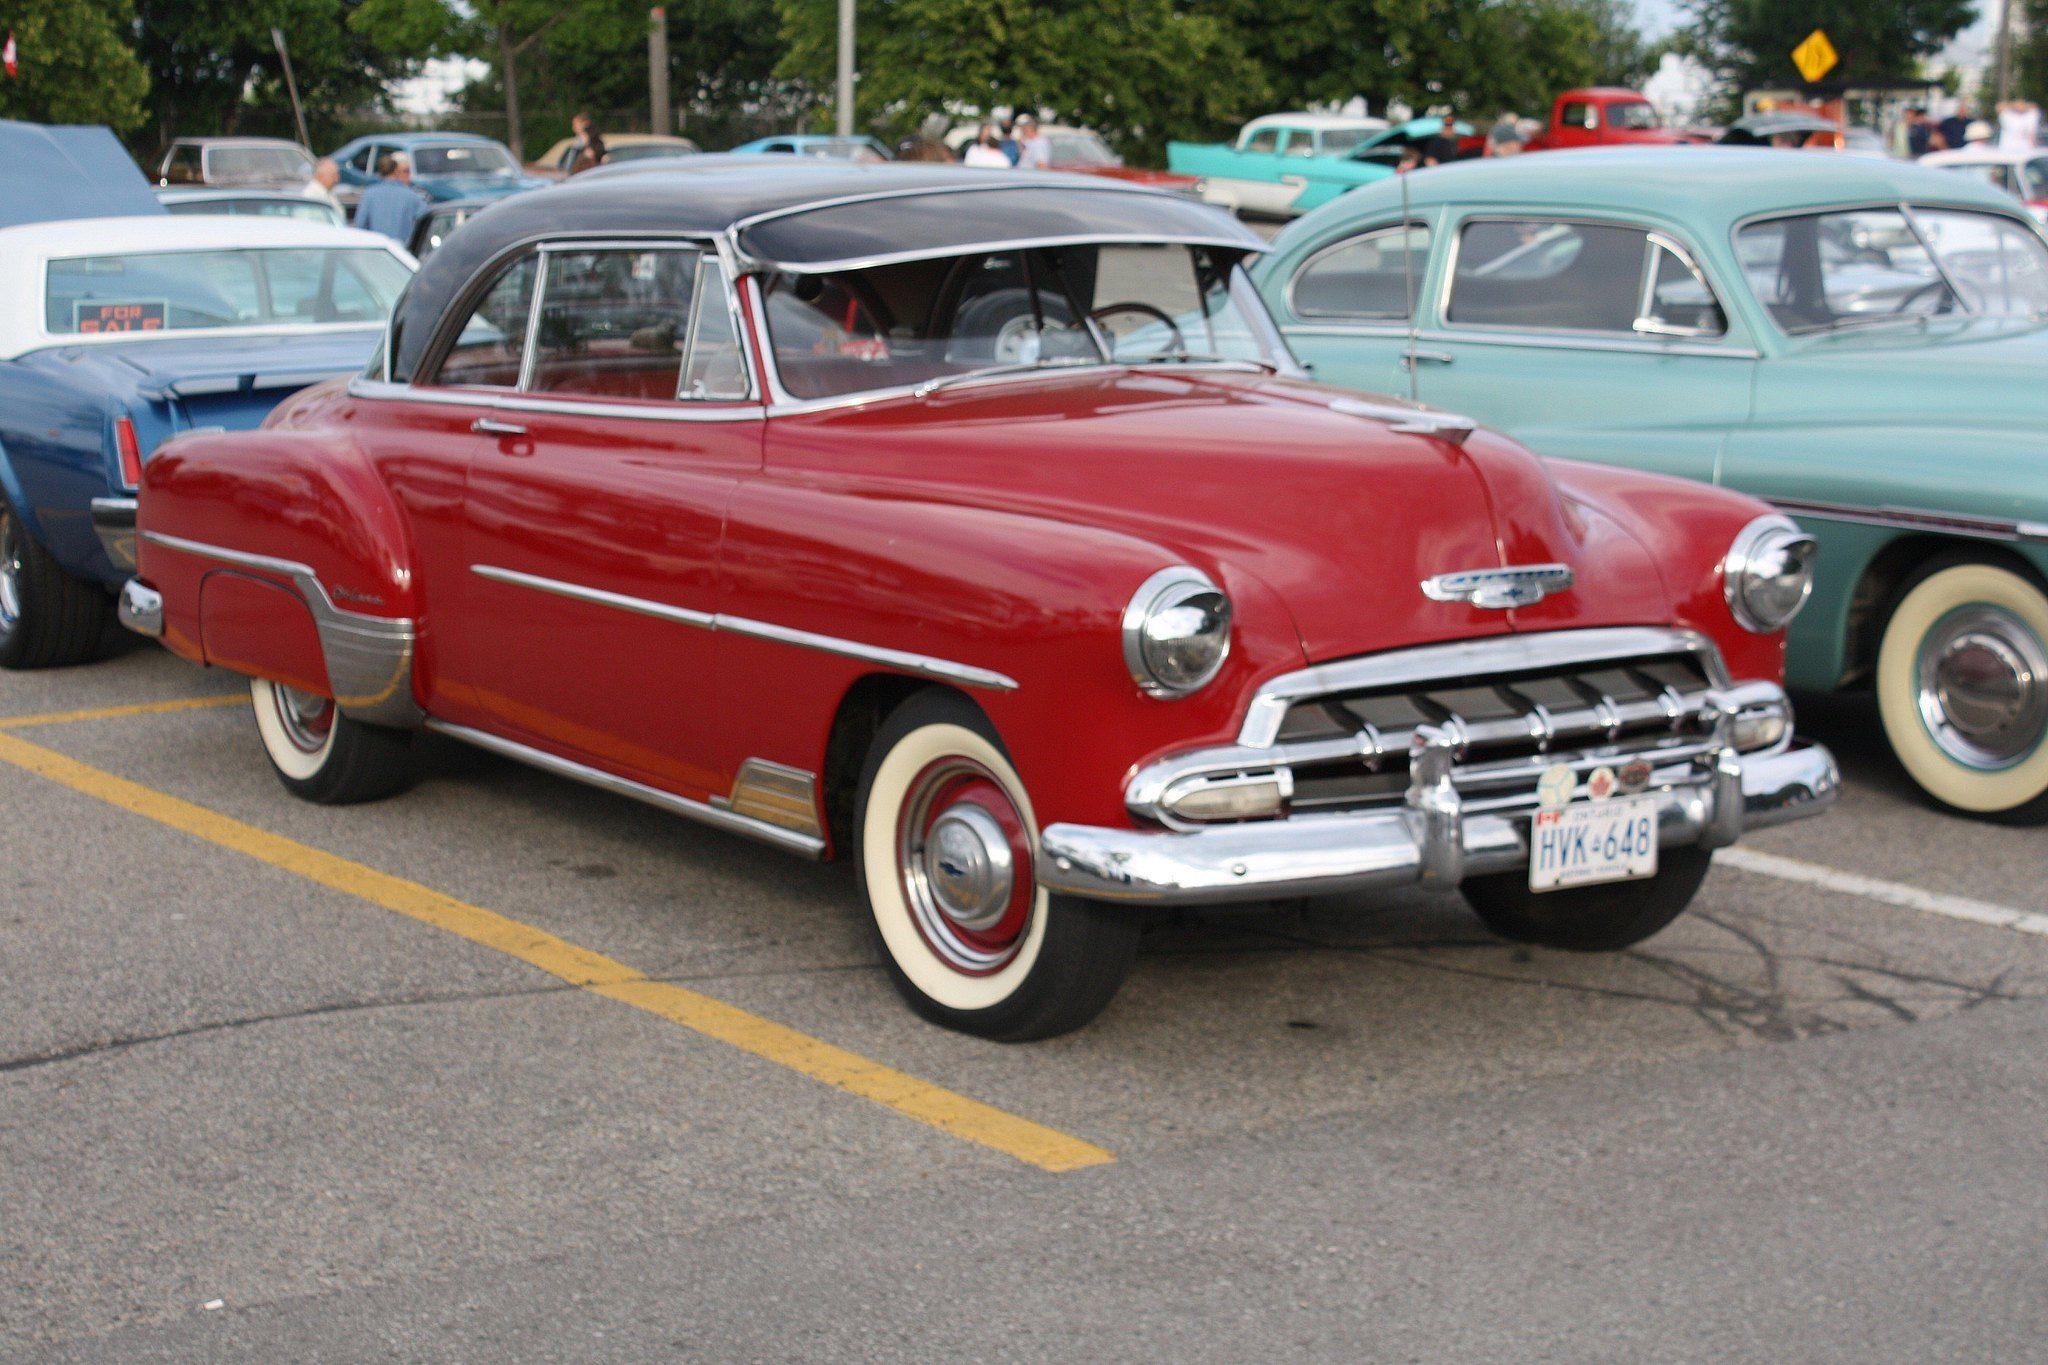 1952 Chevrolet Styleline Deluxe Bel Air hardtop